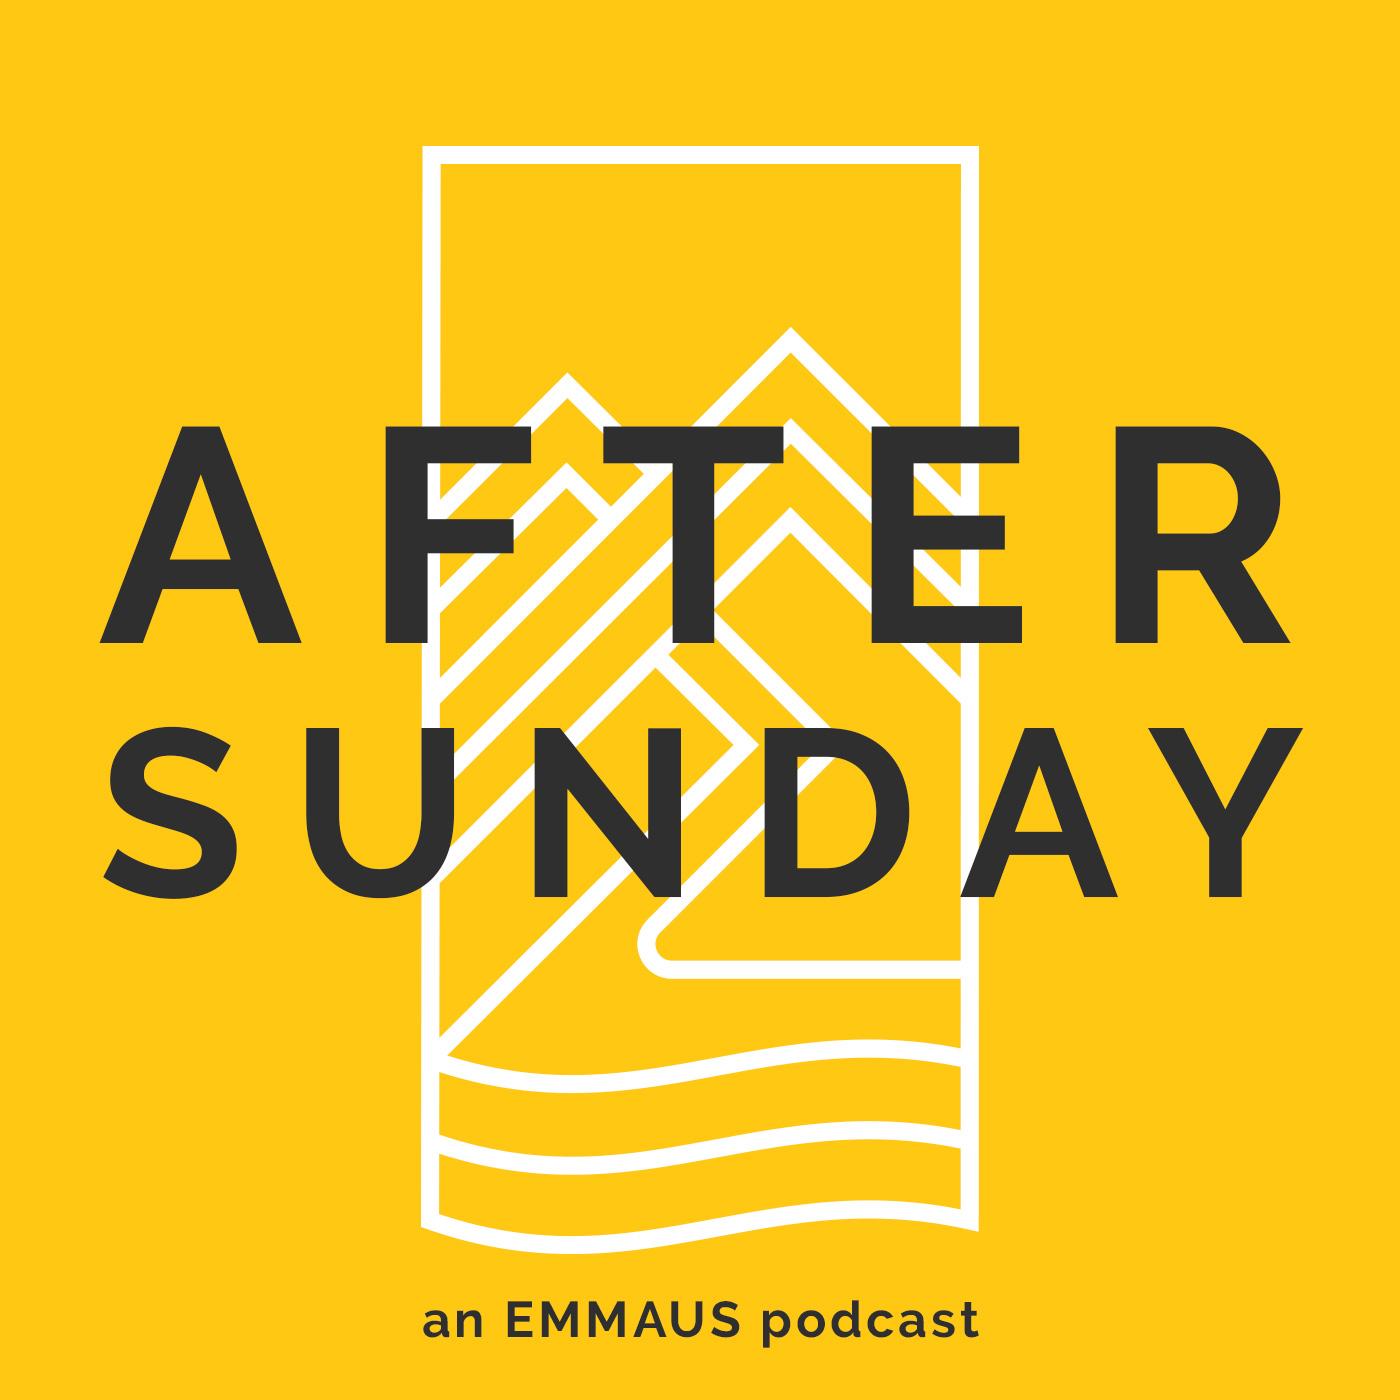 AfterSunday-podcast.jpg